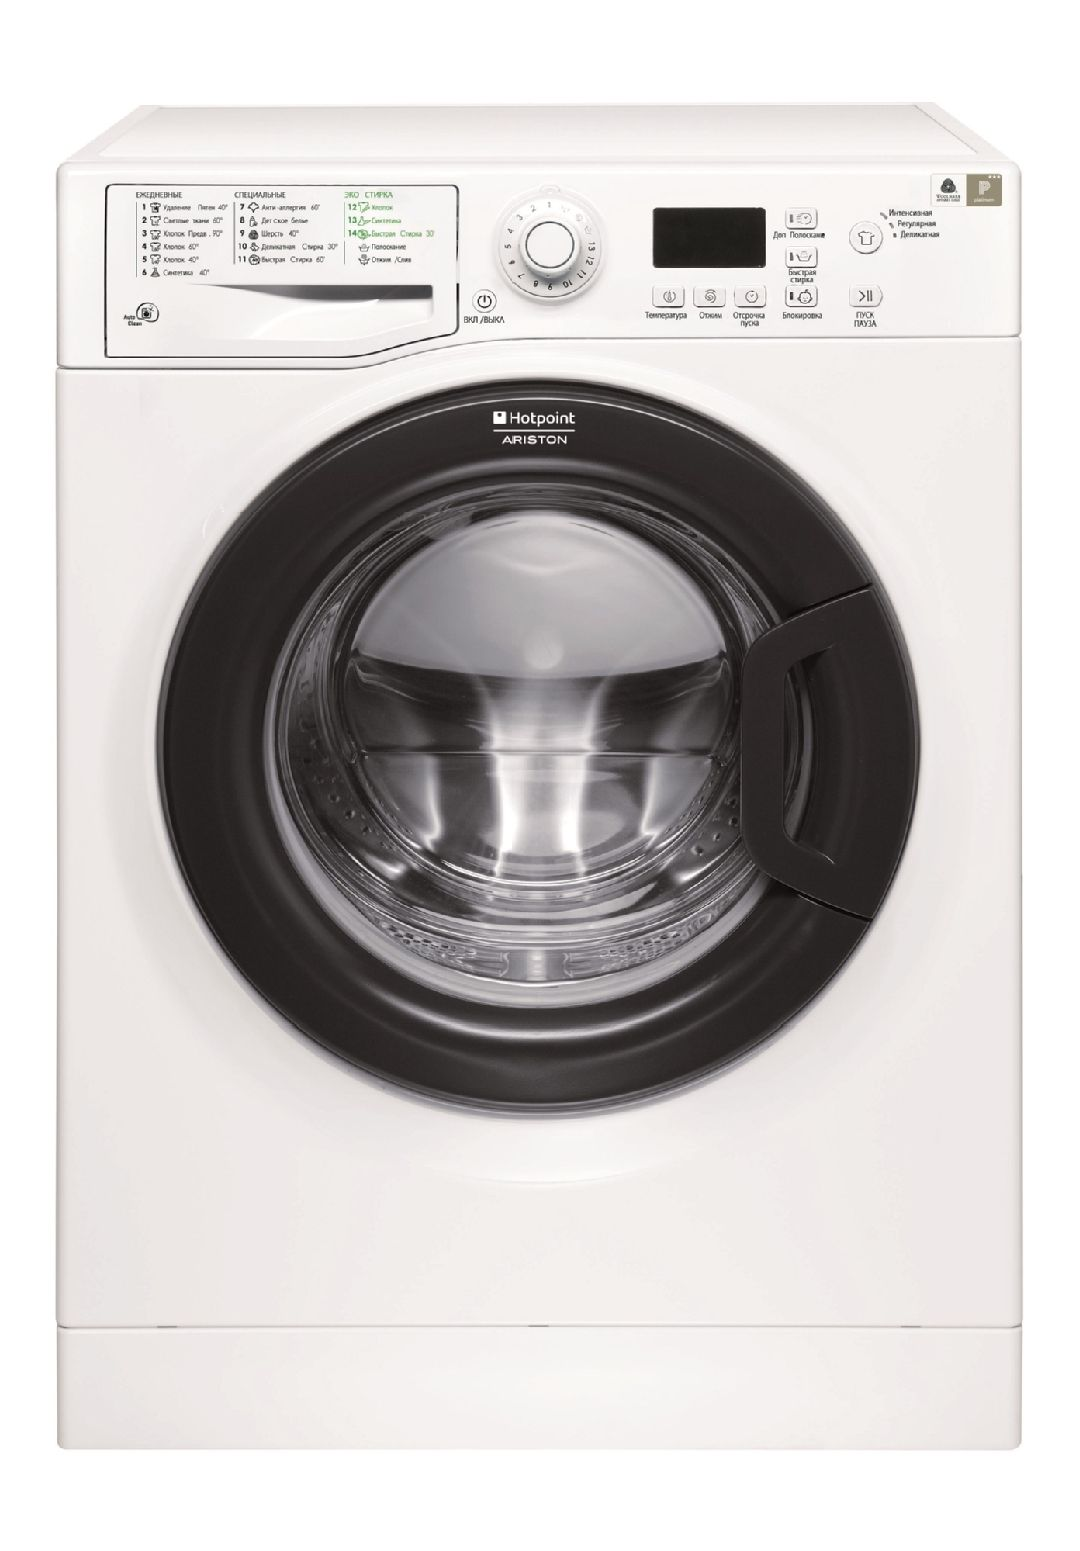 hotpoint-ariston официальный сайт стиральные машины инструкция